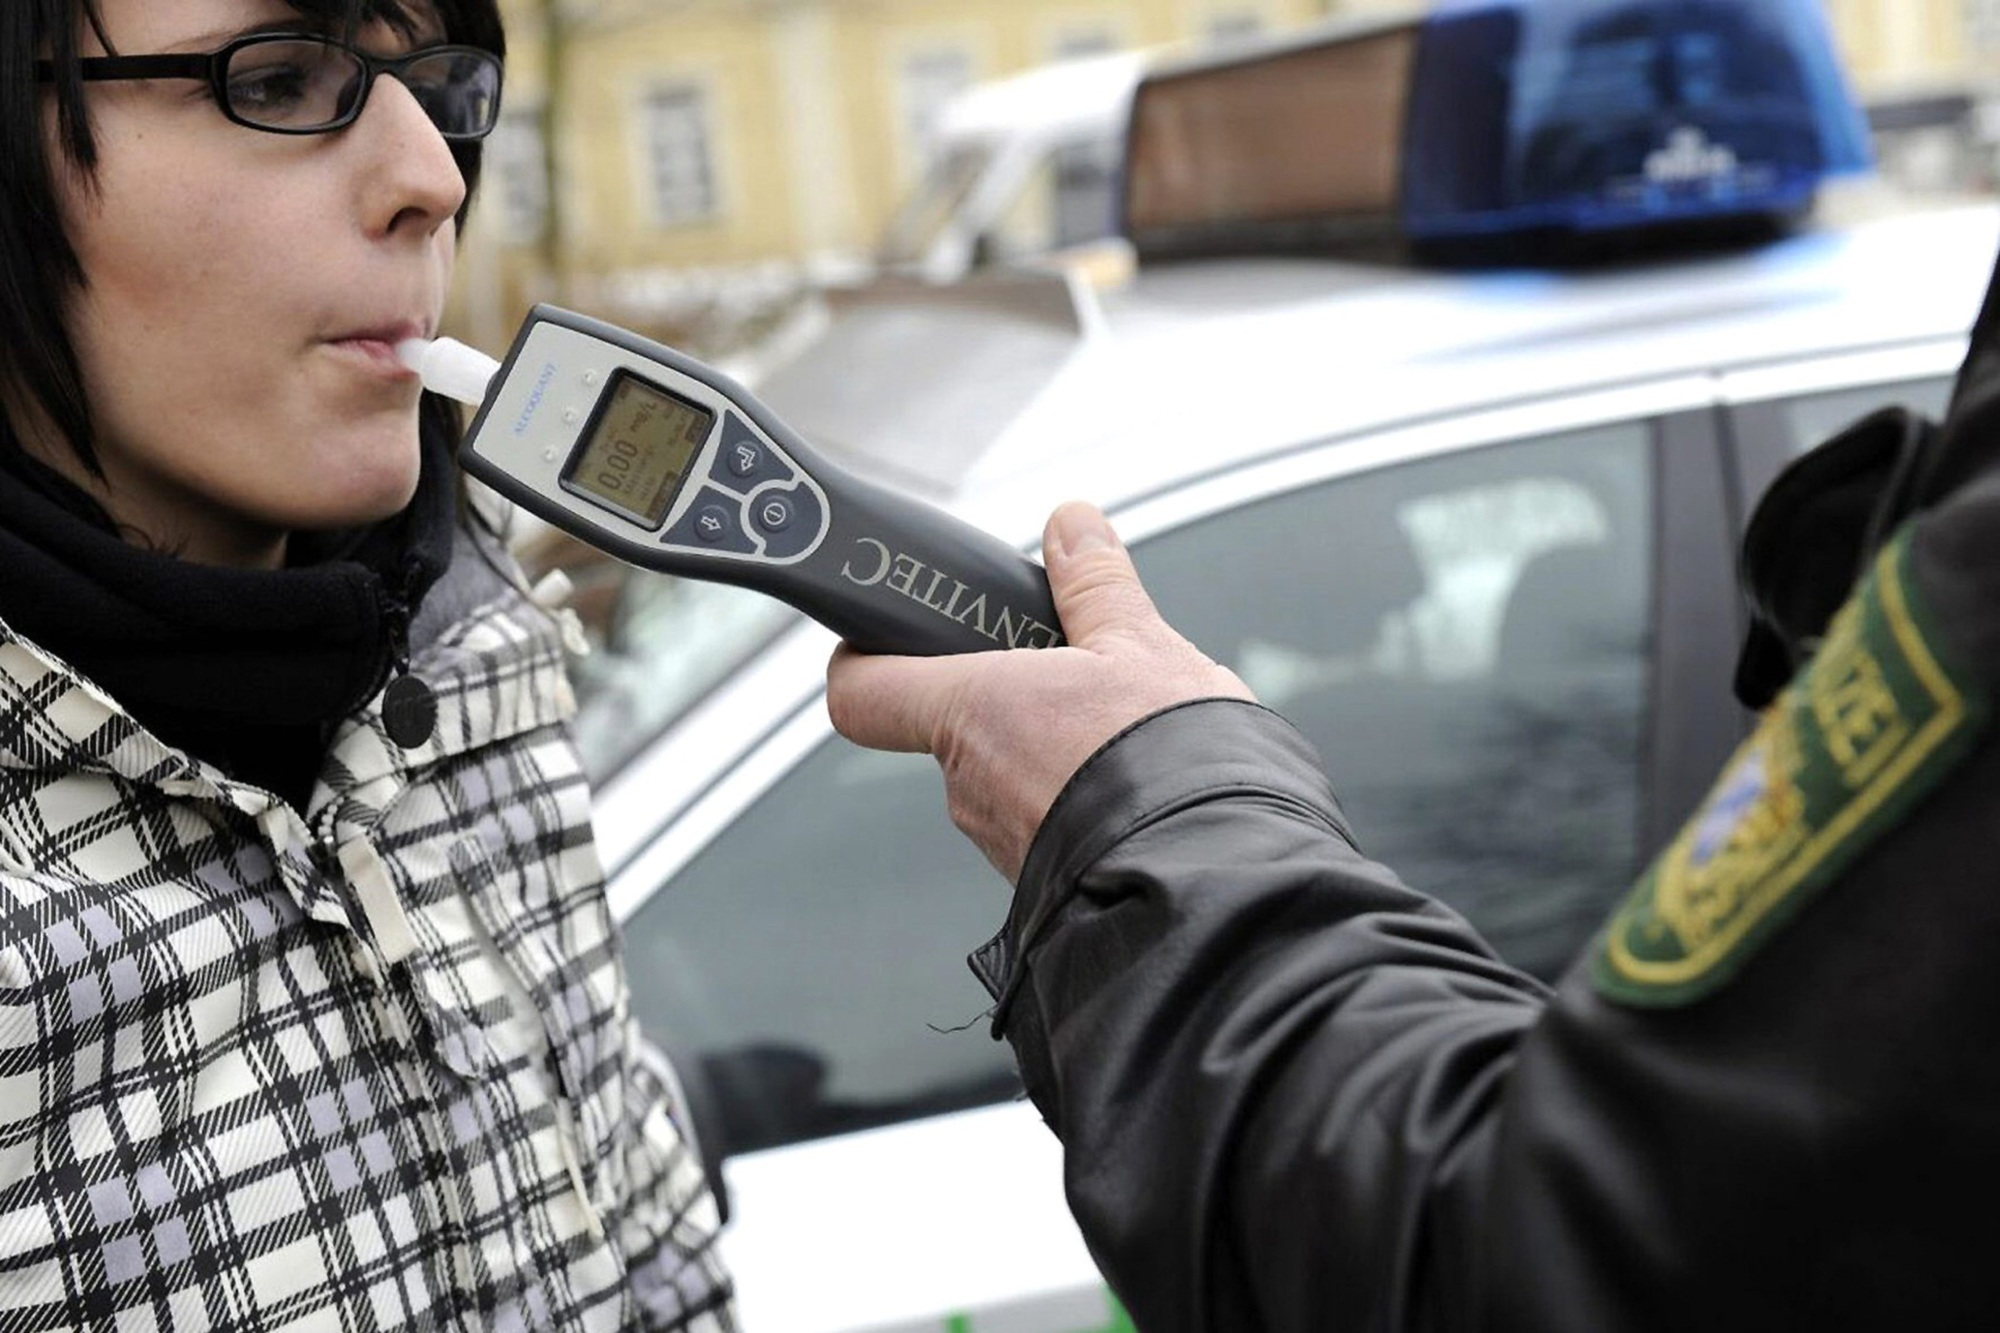 Recht: Pusten bei der Polizei - Ein Glas Wasser macht den Alko-Test ungültig